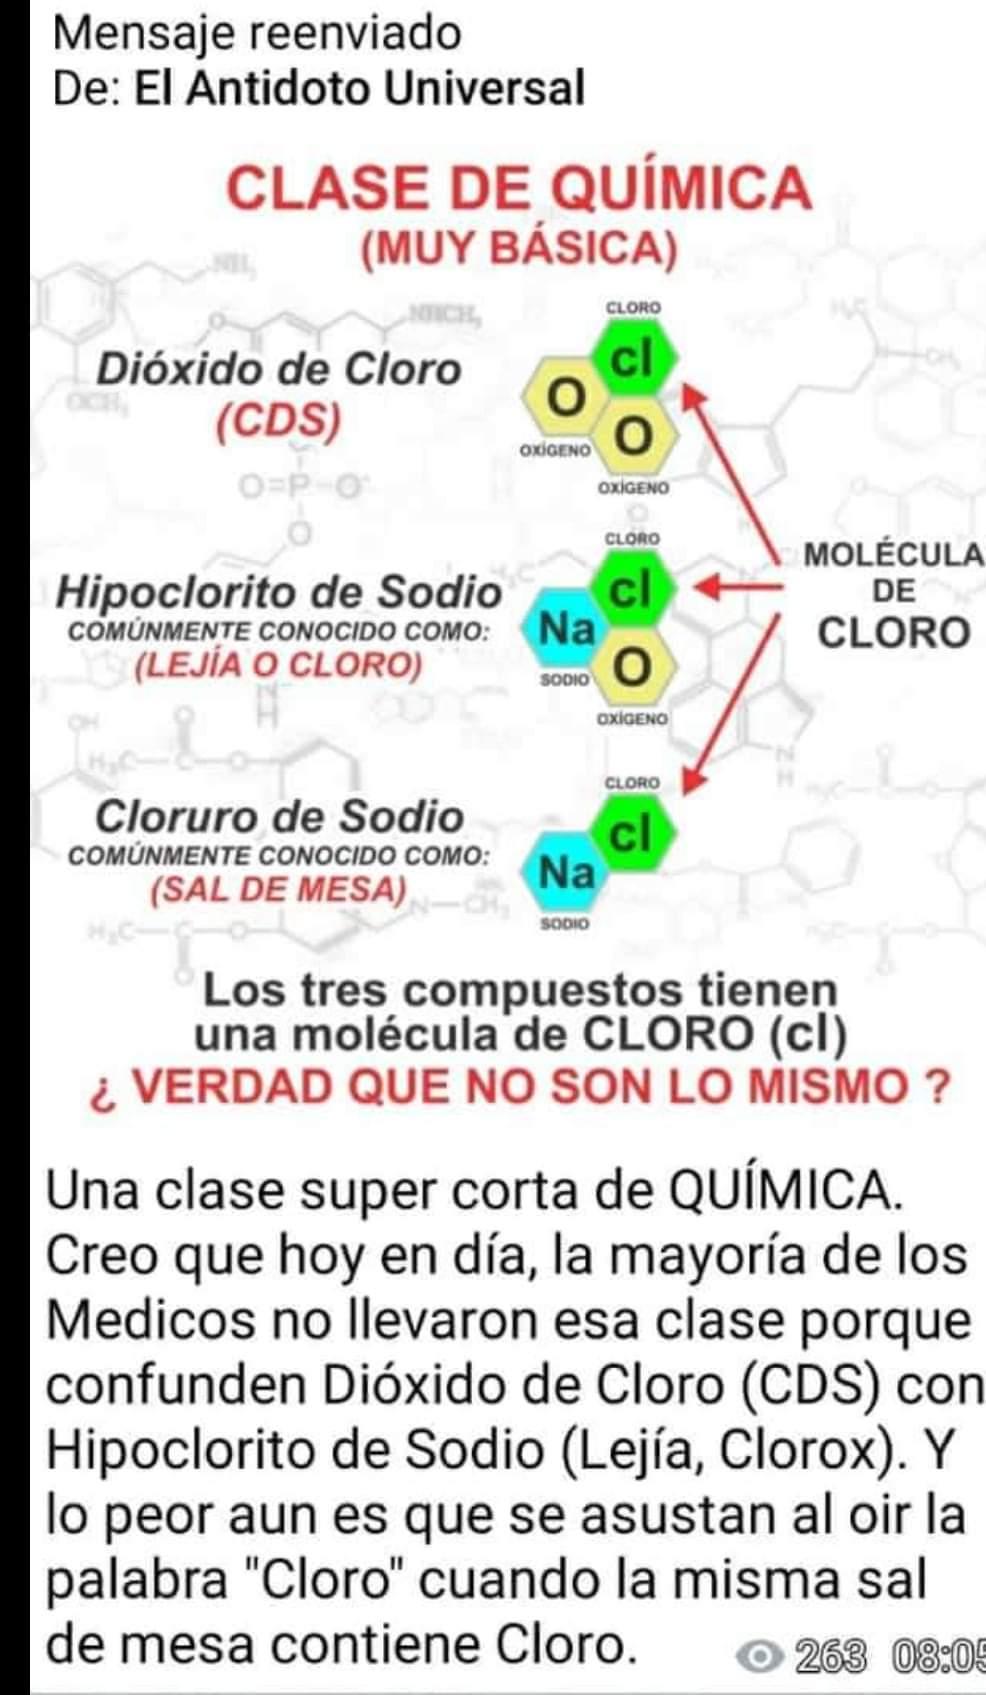 comparaciones del dióxido de cloro con otras sustancias